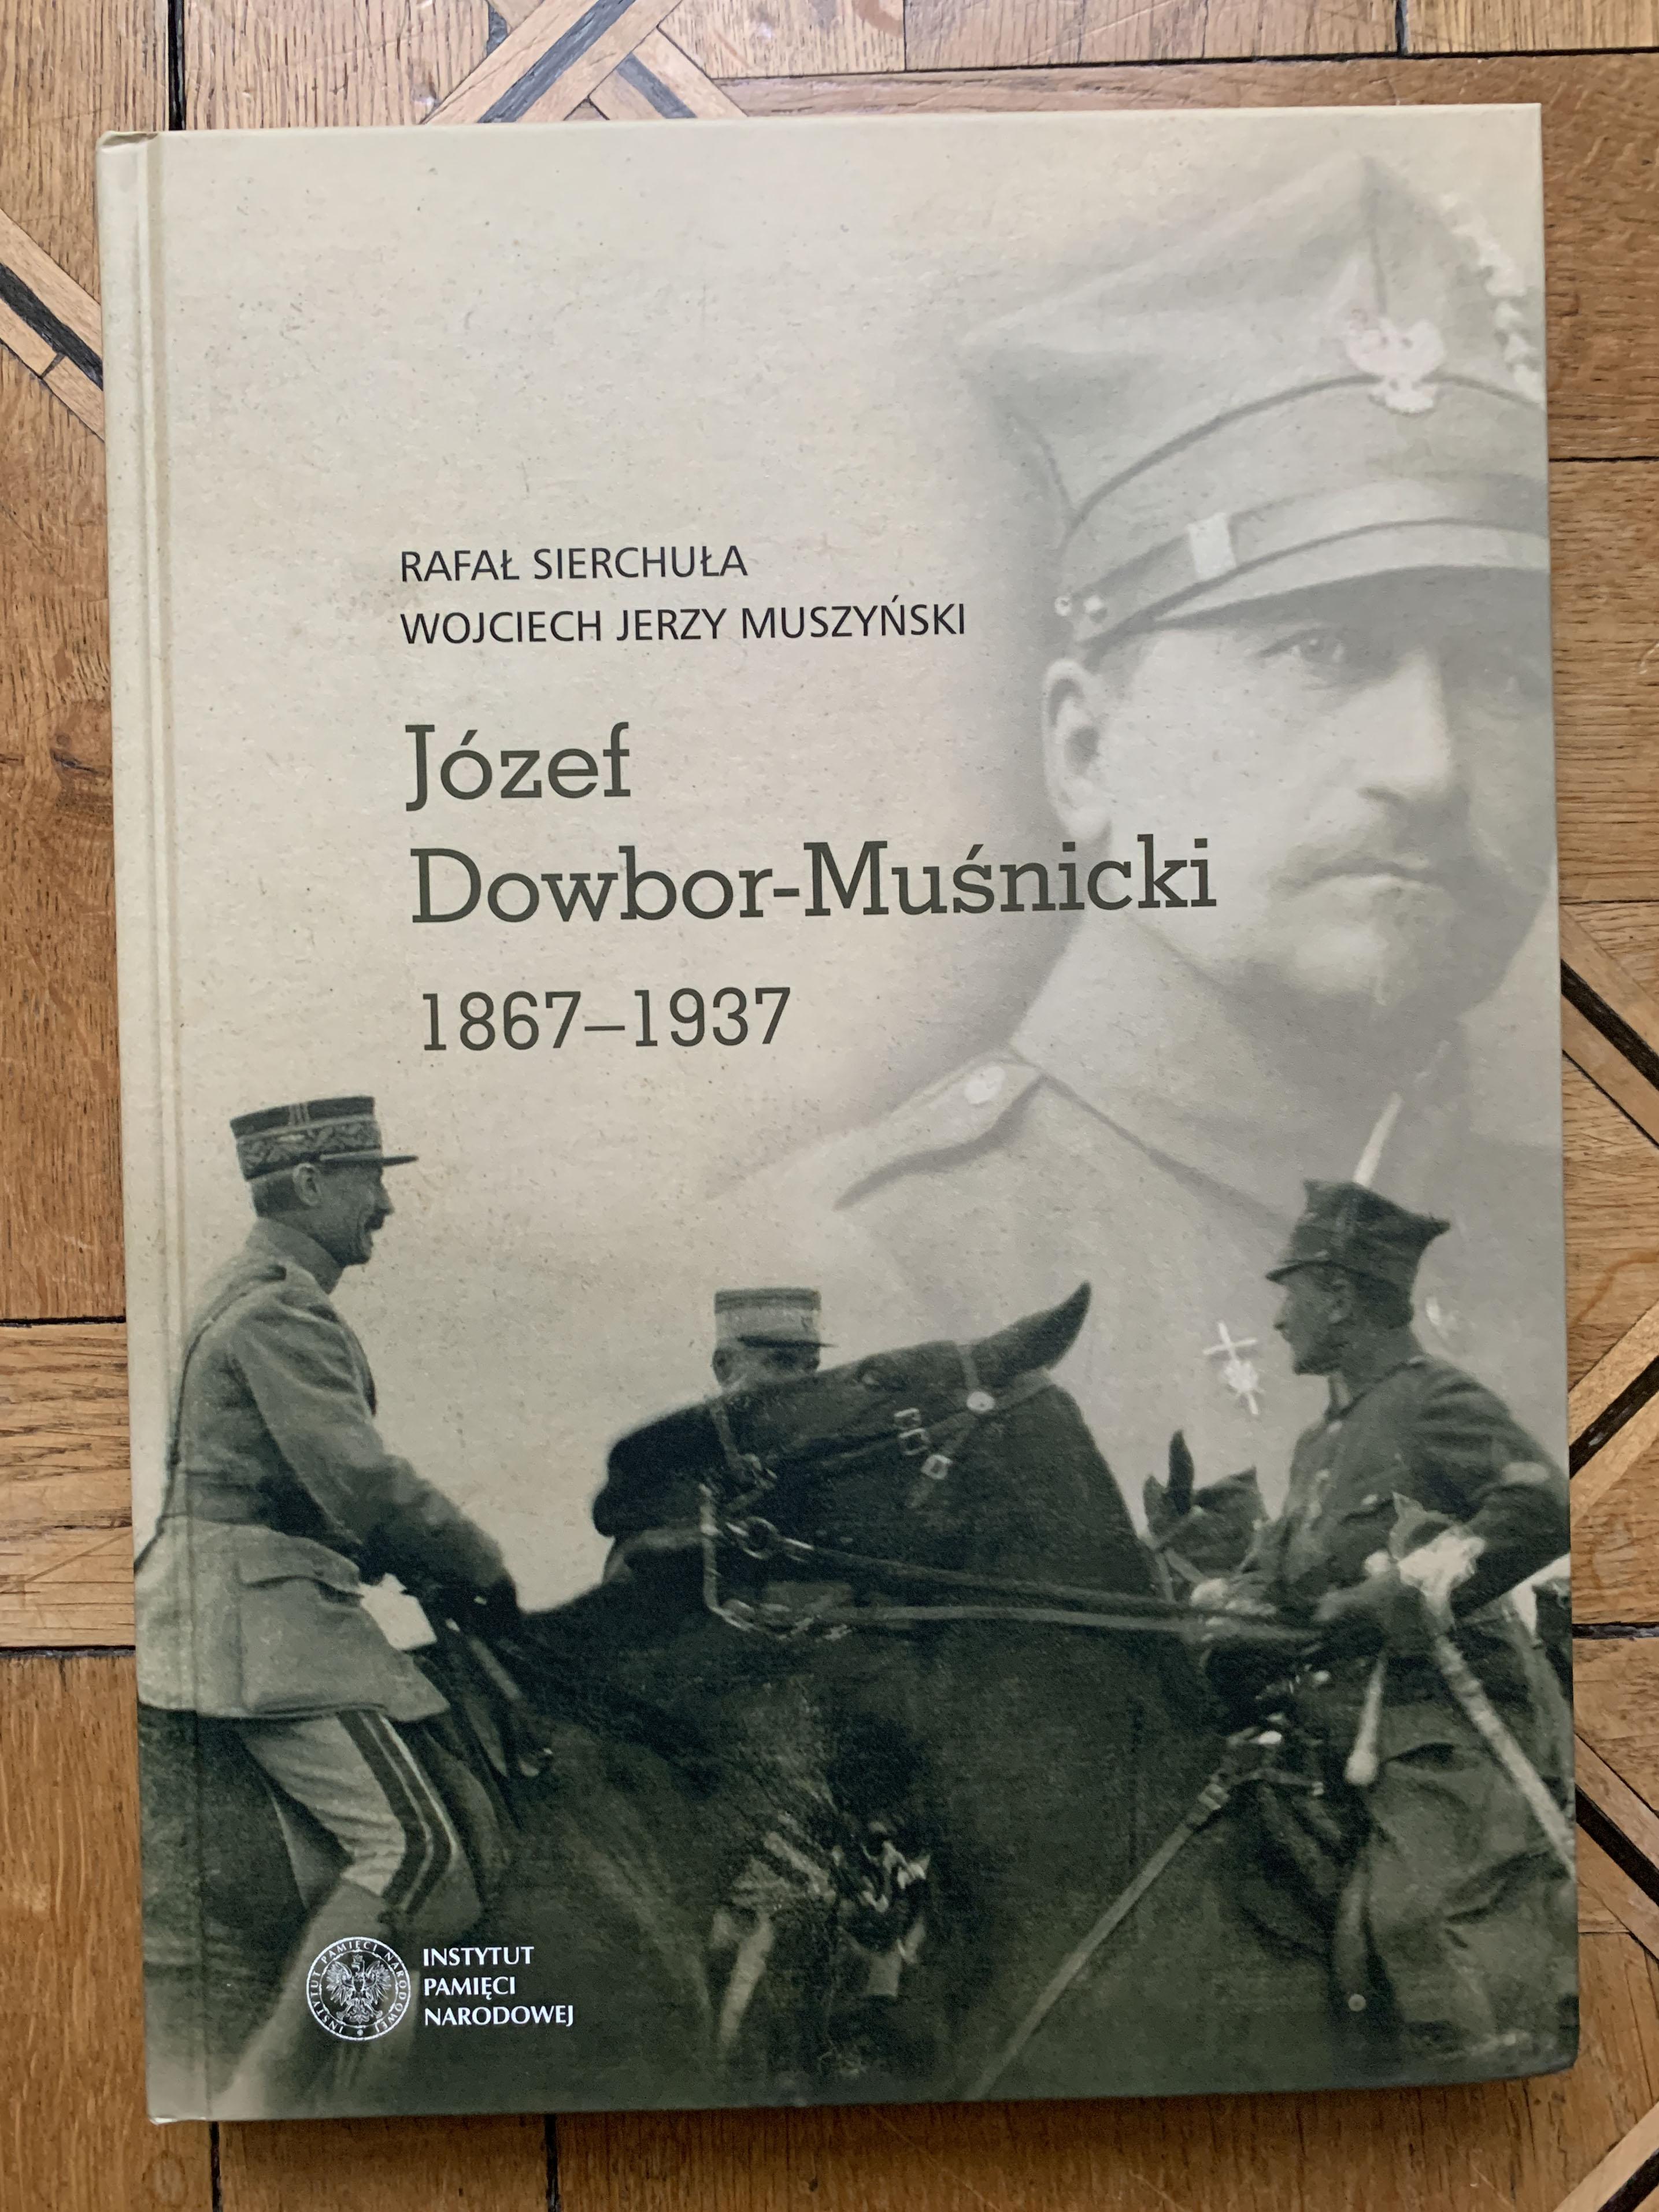 Rafał Sierchuła Wojciech Jerzy Muszyński